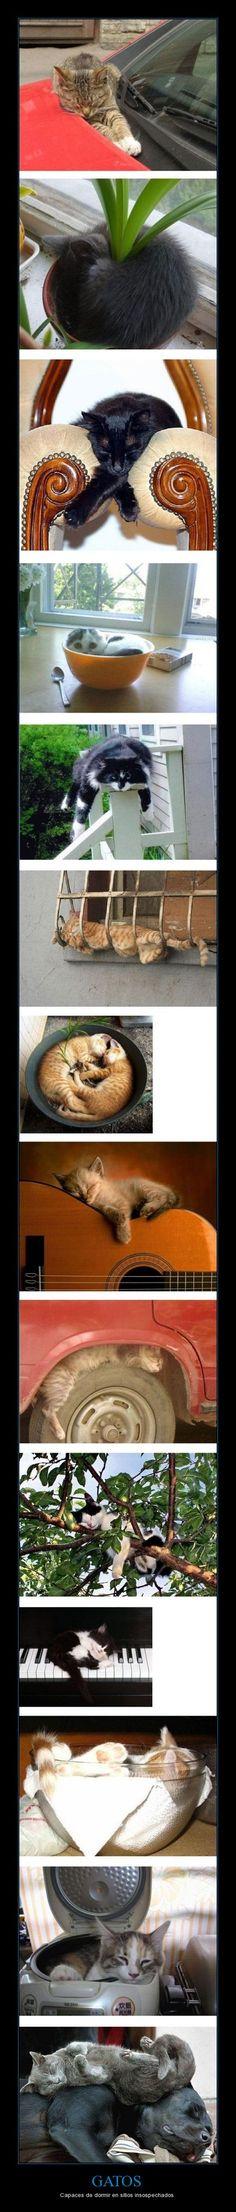 GATOS - Capaces de dormir en sitios insospechados